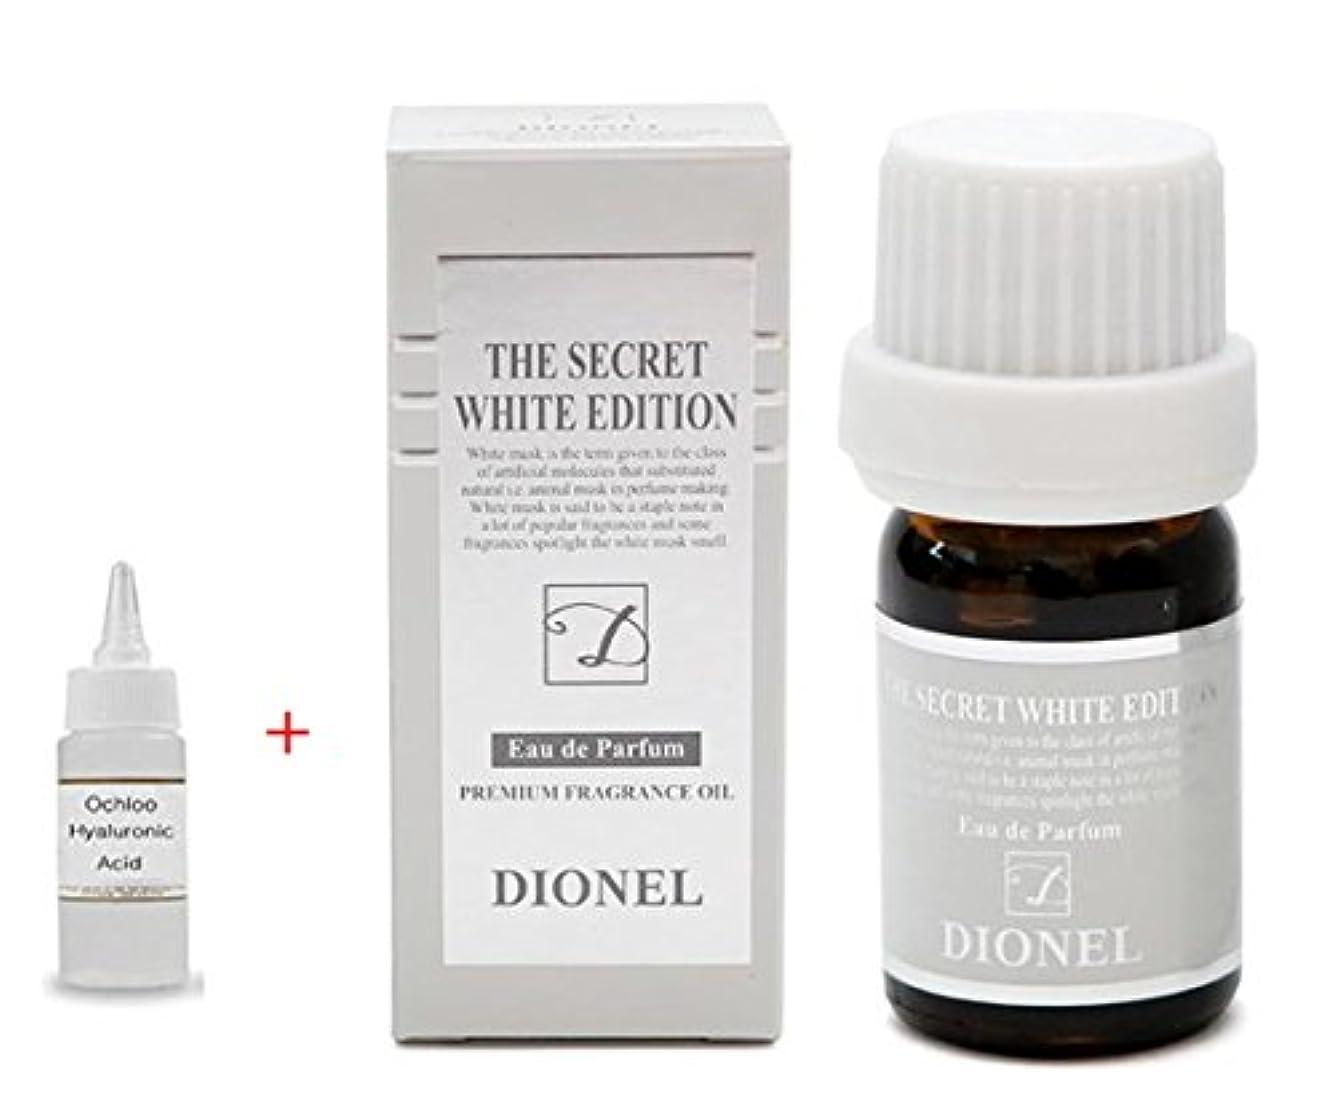 海峡ひもウェーハ怠[Dionel] 香水のような女性清潔剤、プレミアムアロマエッセンス Love Secret White Edition Dionel 5ml. ラブブラックエディション、一滴の奇跡. Made in Korea + +...